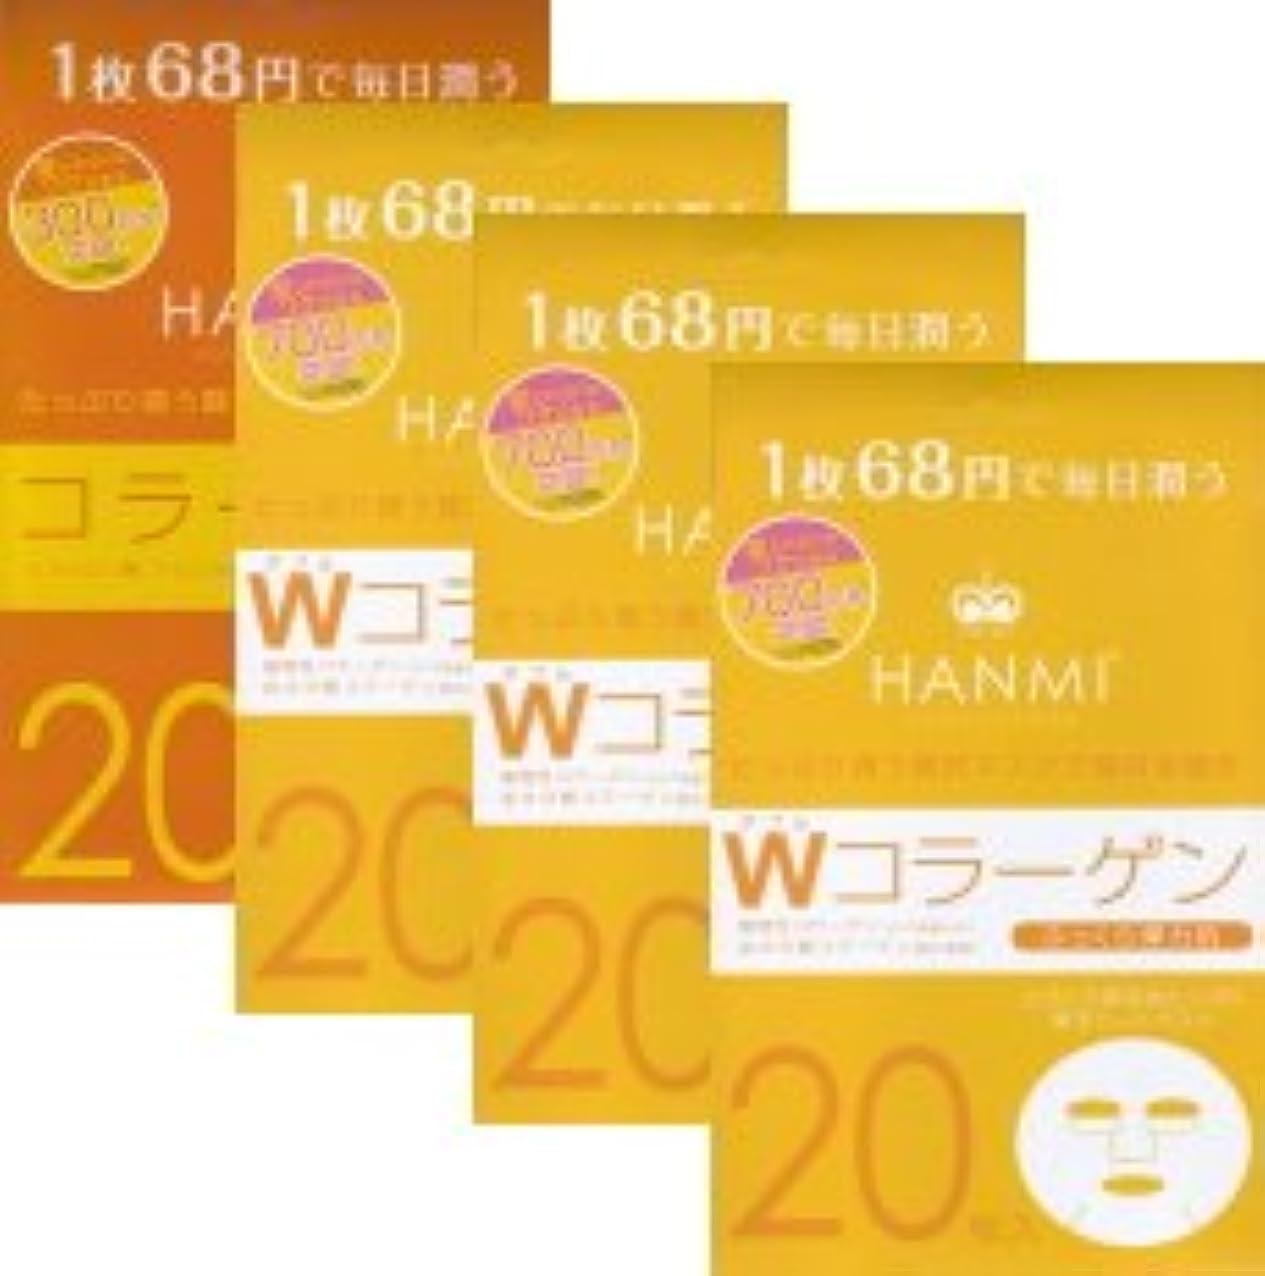 盲信生きる抑止するMIGAKI ハンミフェイスマスク(20枚入り)「コラーゲン×1個」「Wコラーゲン×3個」の4個セット